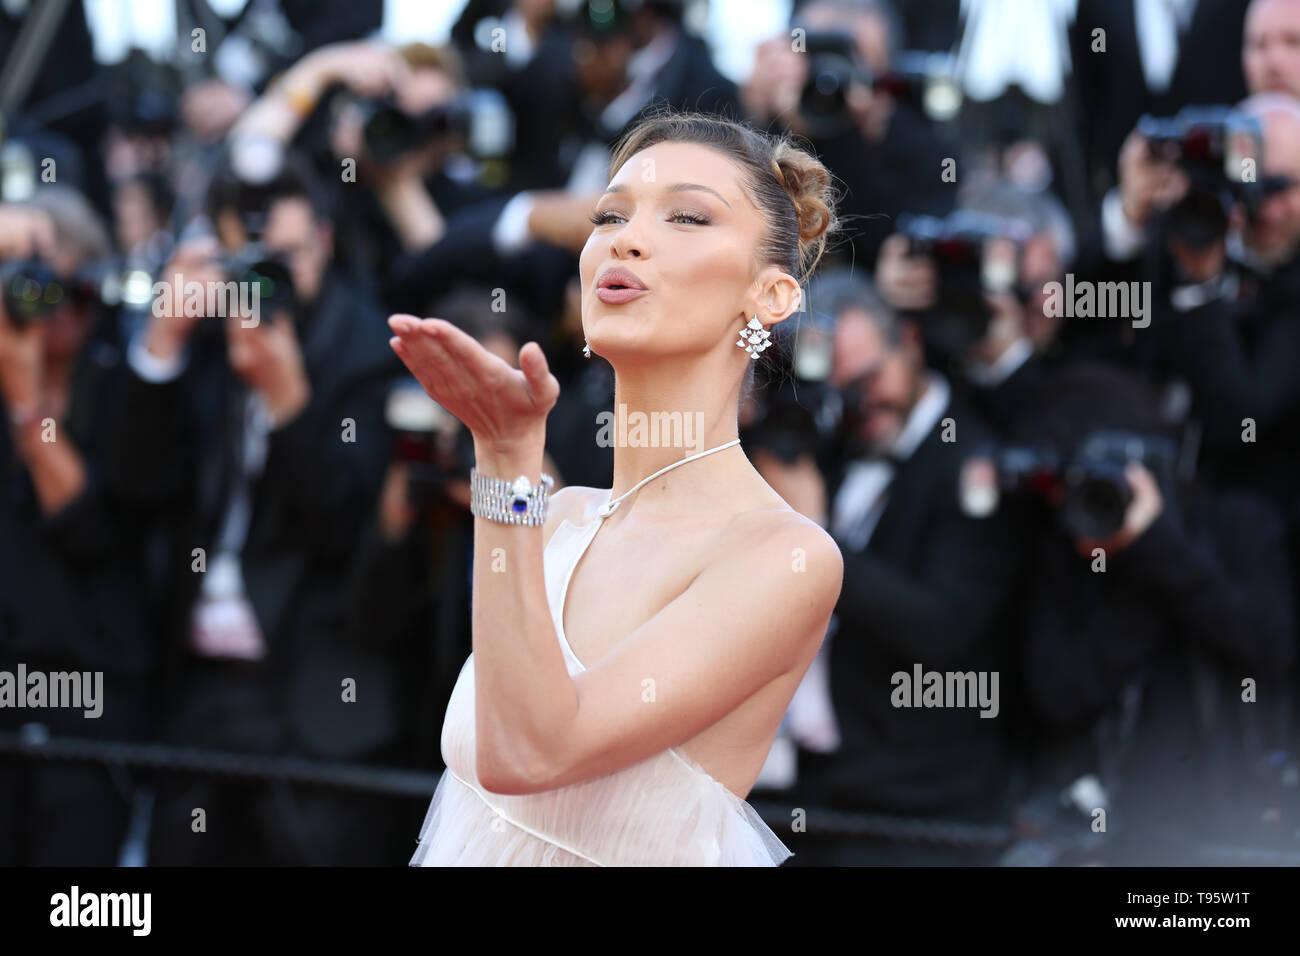 """CANNES, Francia - 16 Maggio: Bella Hadid assiste lo screening di """"Rocket Man' durante la 72a Cannes Film Festival (credito: Mickael Chavet/Progetto Alba/Alamy Live News) Immagini Stock"""